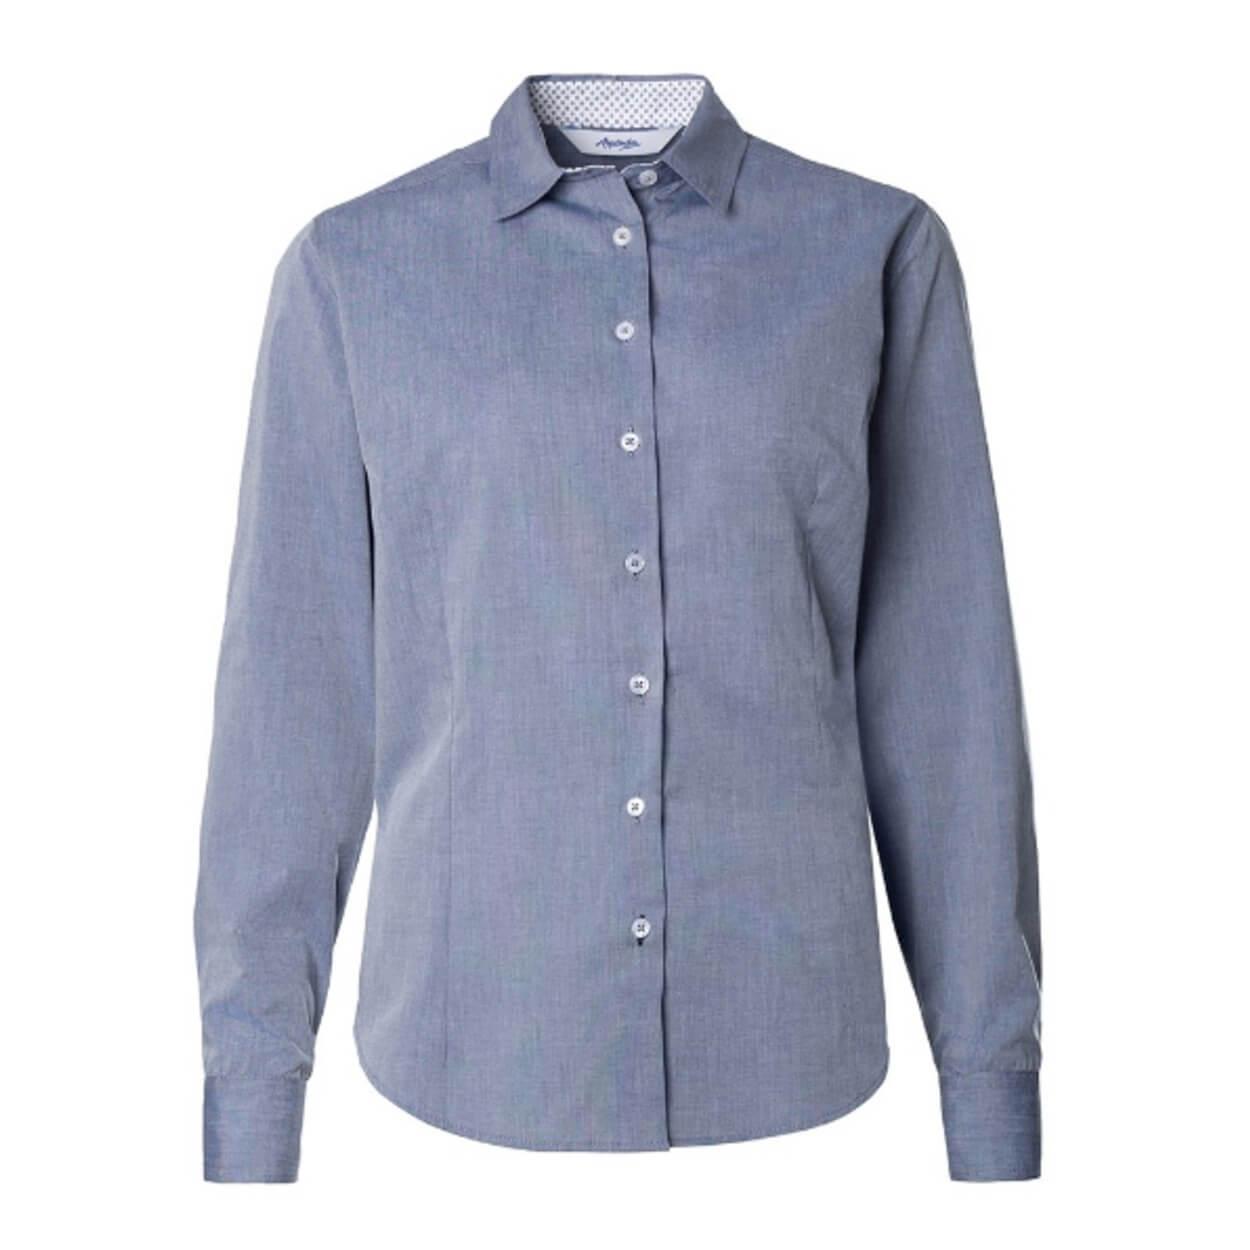 Γυναικείο πουκάμισο Chambray